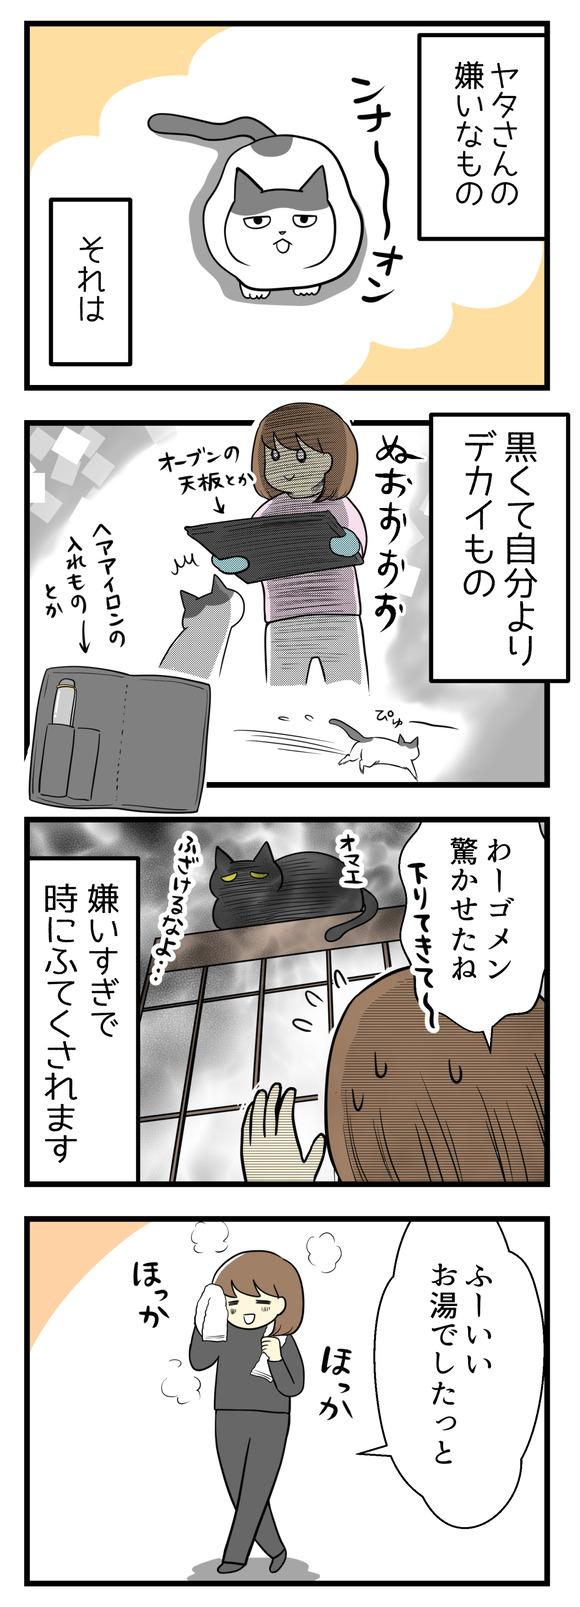 猫のヤタさんが嫌いなもの、それは黒くてデカイもの。オーブンの天板やヘアアイロンの入れ物が黒いので、それを見せるとすごい勢いで逃げていきます。嫌いすぎて時にふてくされてしまいます。ある日お風呂から出たところ